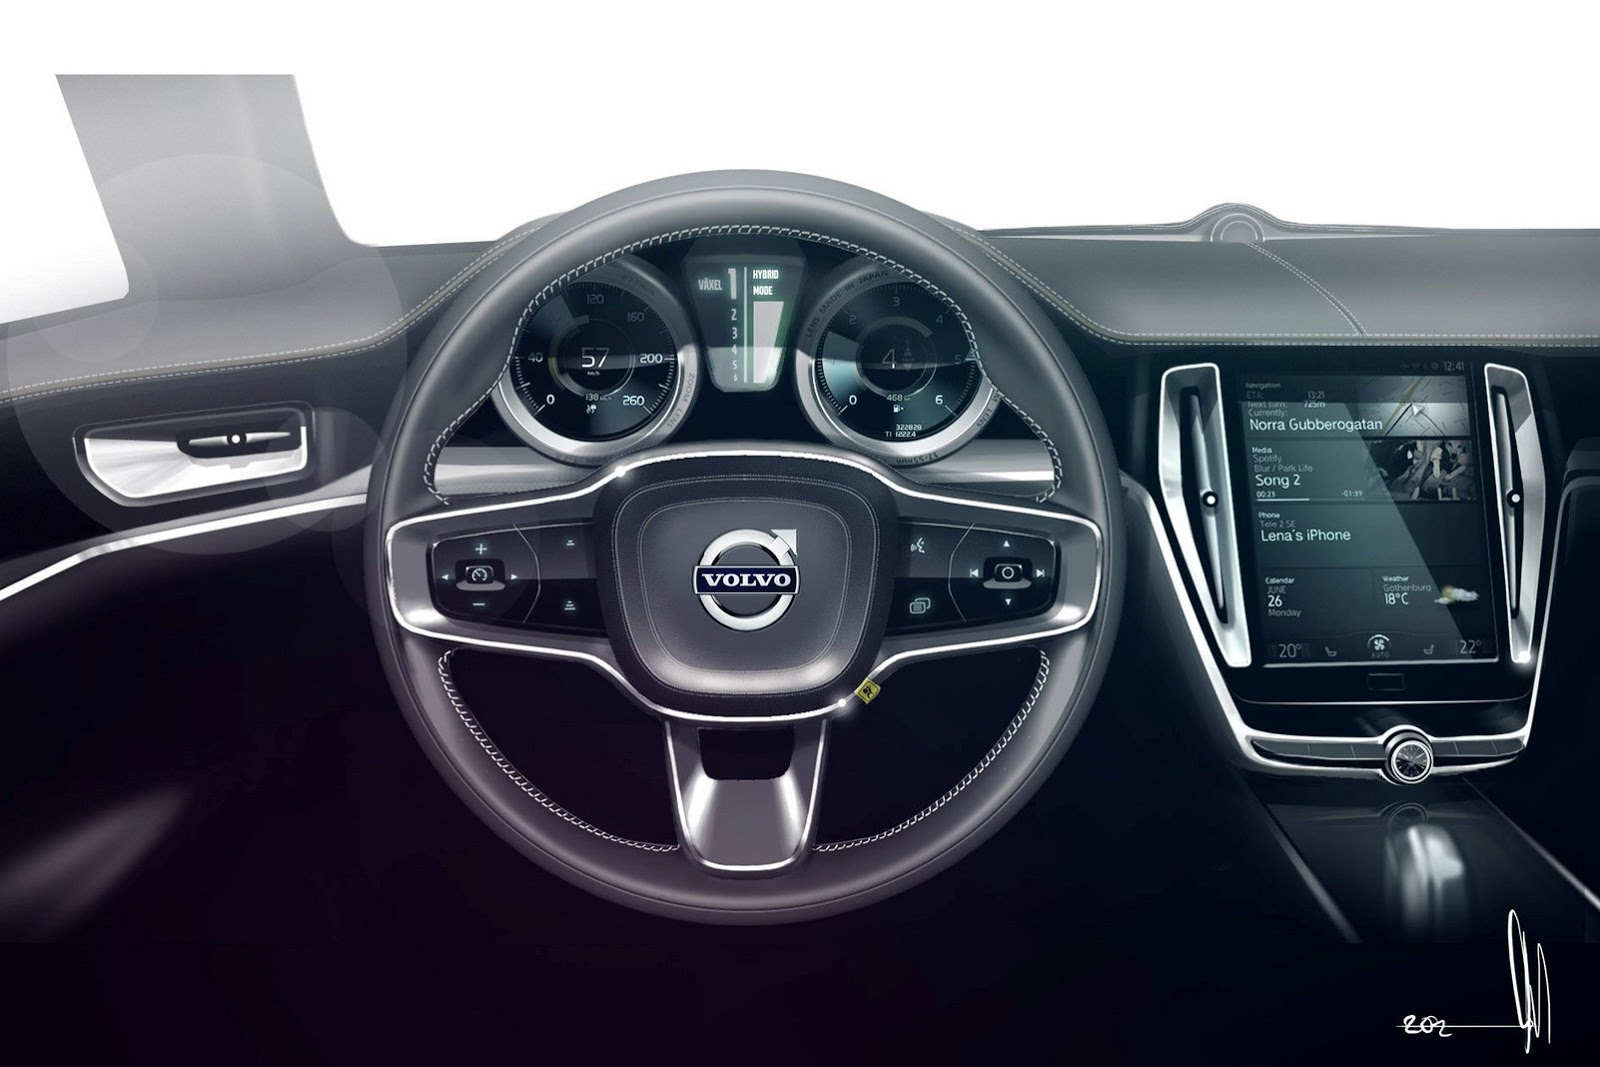 Habrá un Volvo S90 Coupé... en el año 2020 2